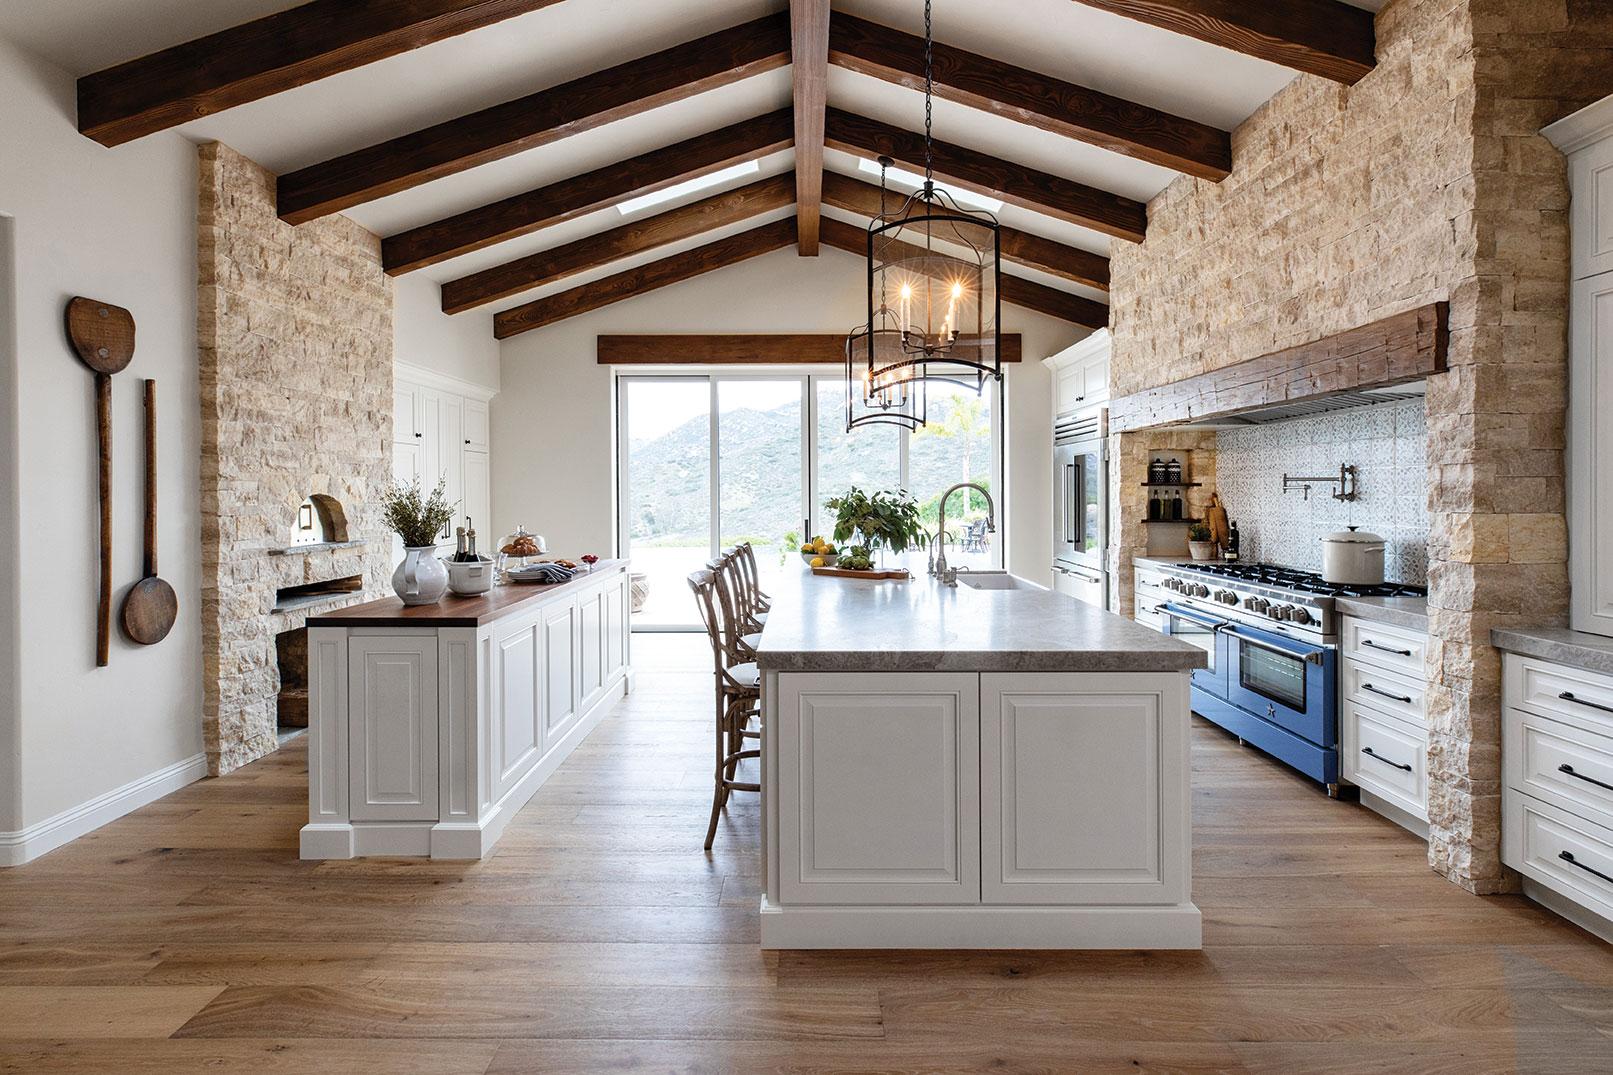 european kitchen designed by kristin kostamo-mcneil anne rae design san diego